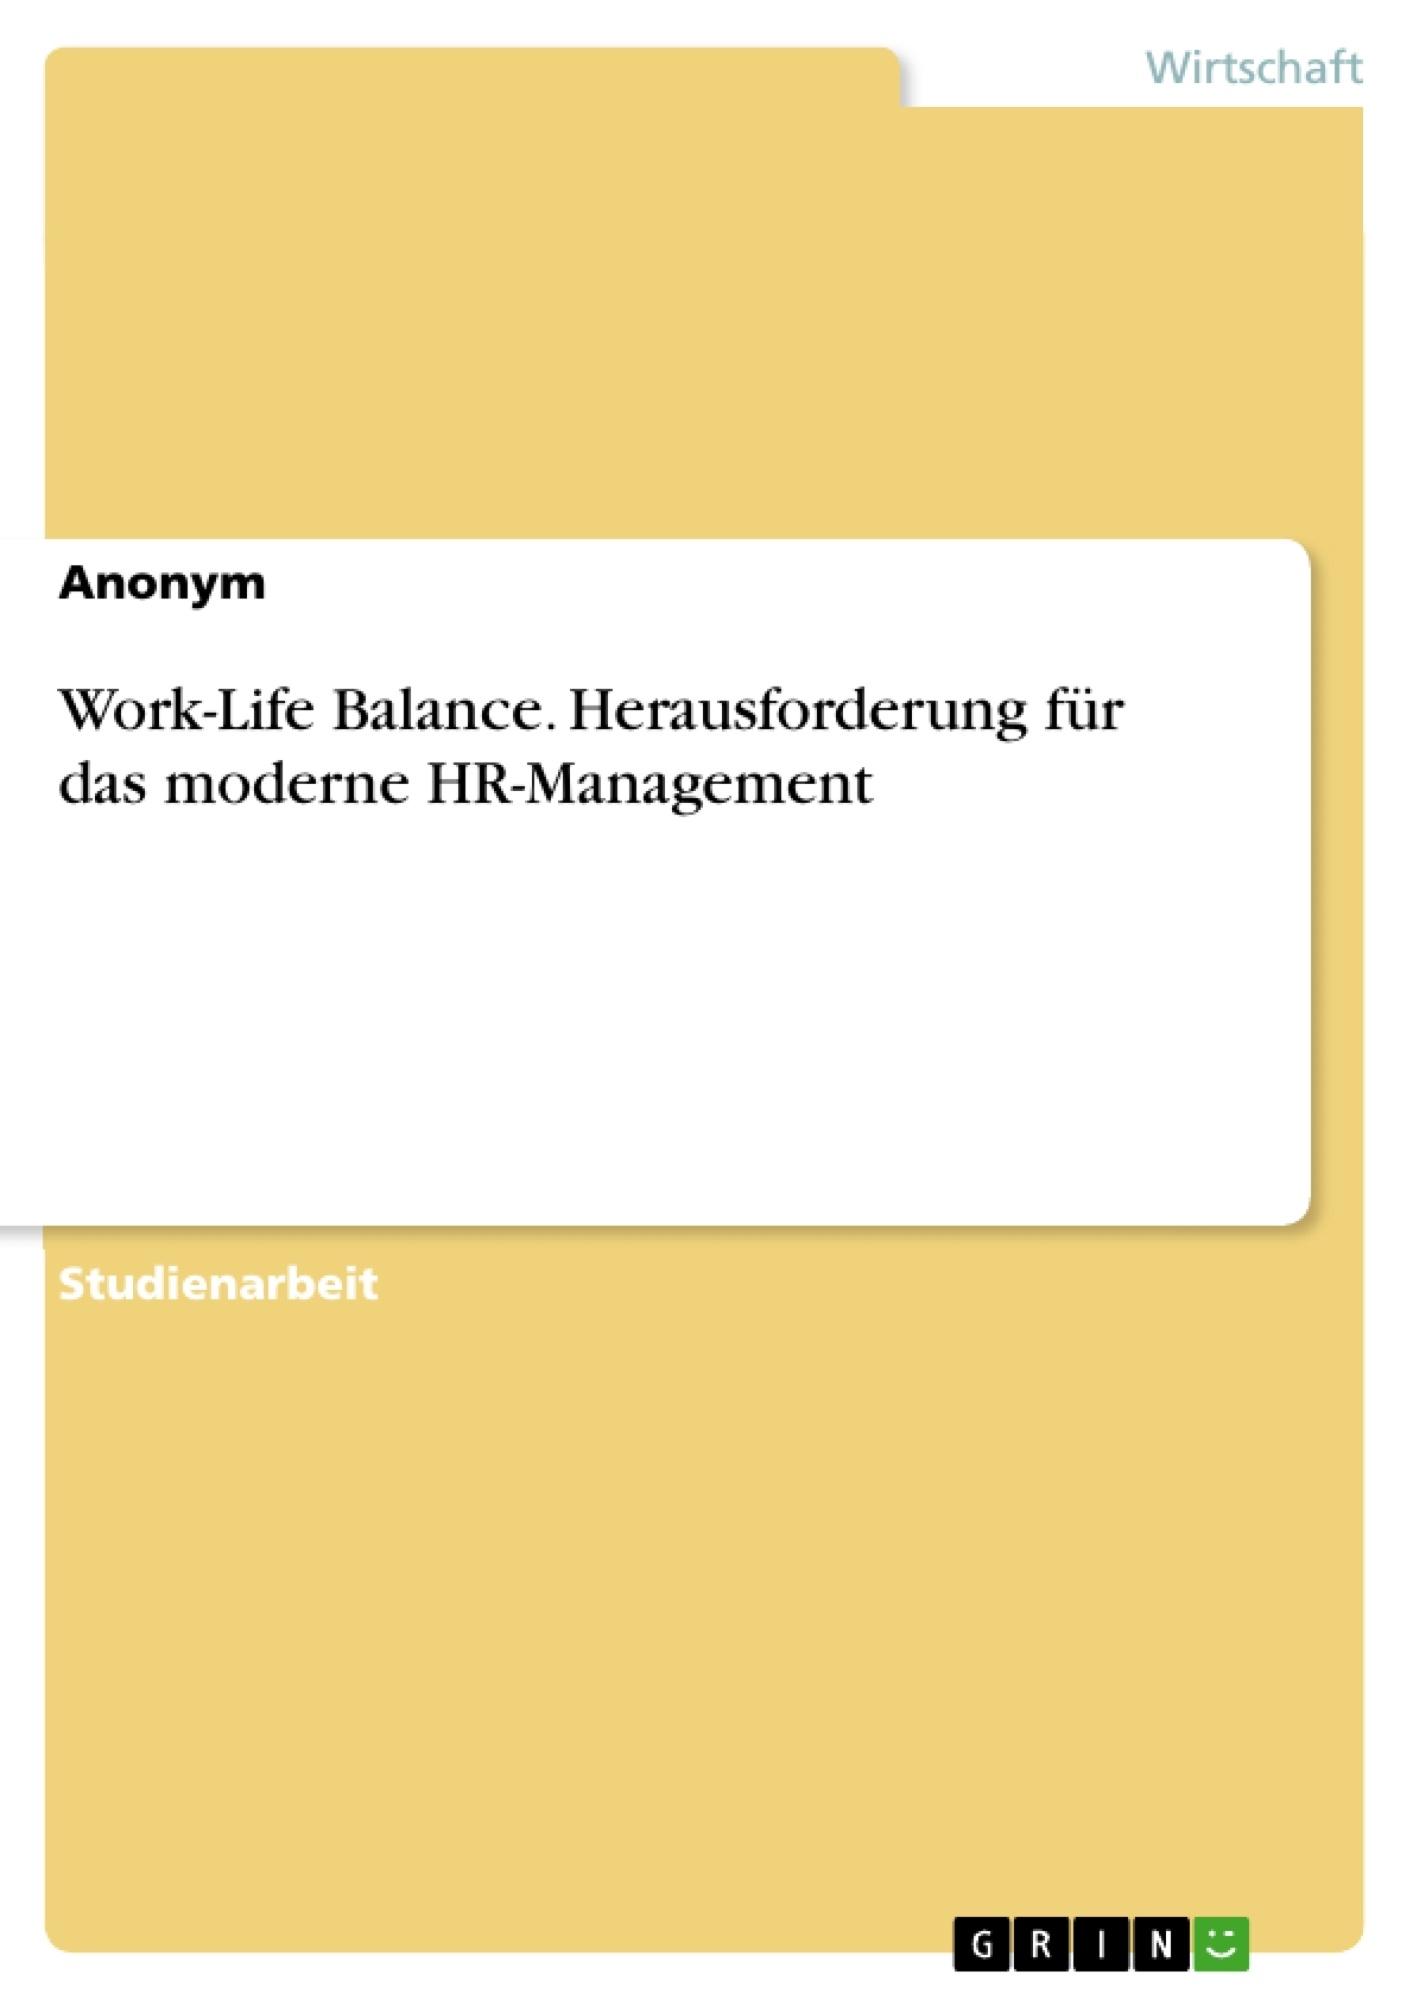 Titel: Work-Life Balance. Herausforderung für das moderne HR-Management